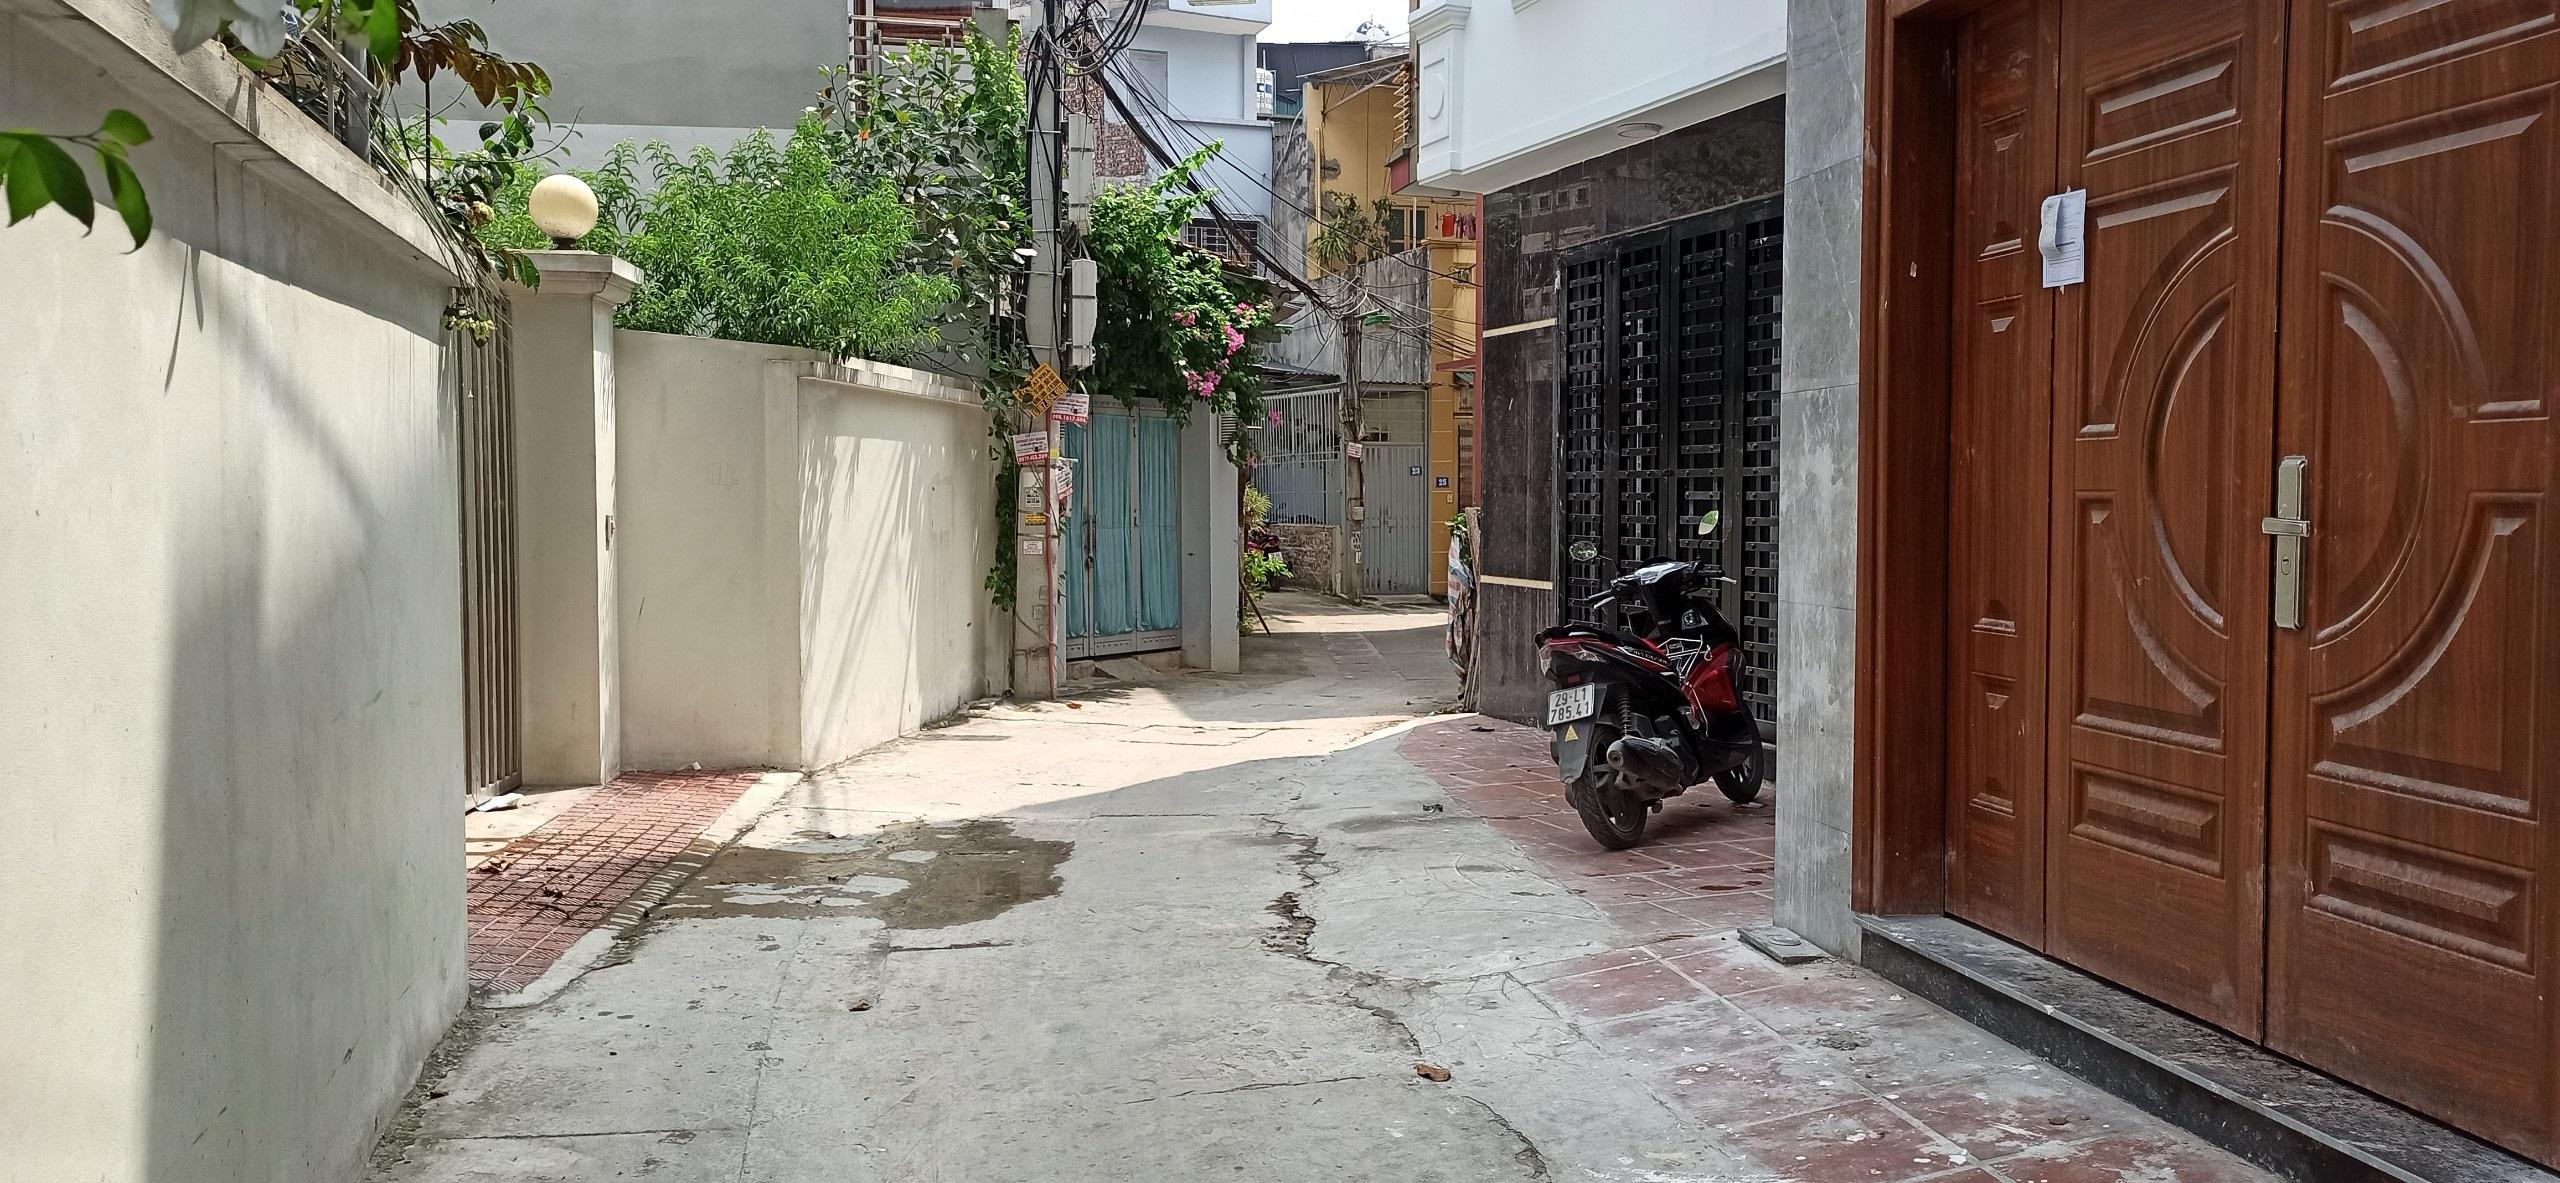 Bán Nhà-Tây Mỗ-Nam Từ Liêm- 31M Xây 5 Tầng ngõ 2,6m gần chỗ đỗ 10 ô tô 2,4tỷ